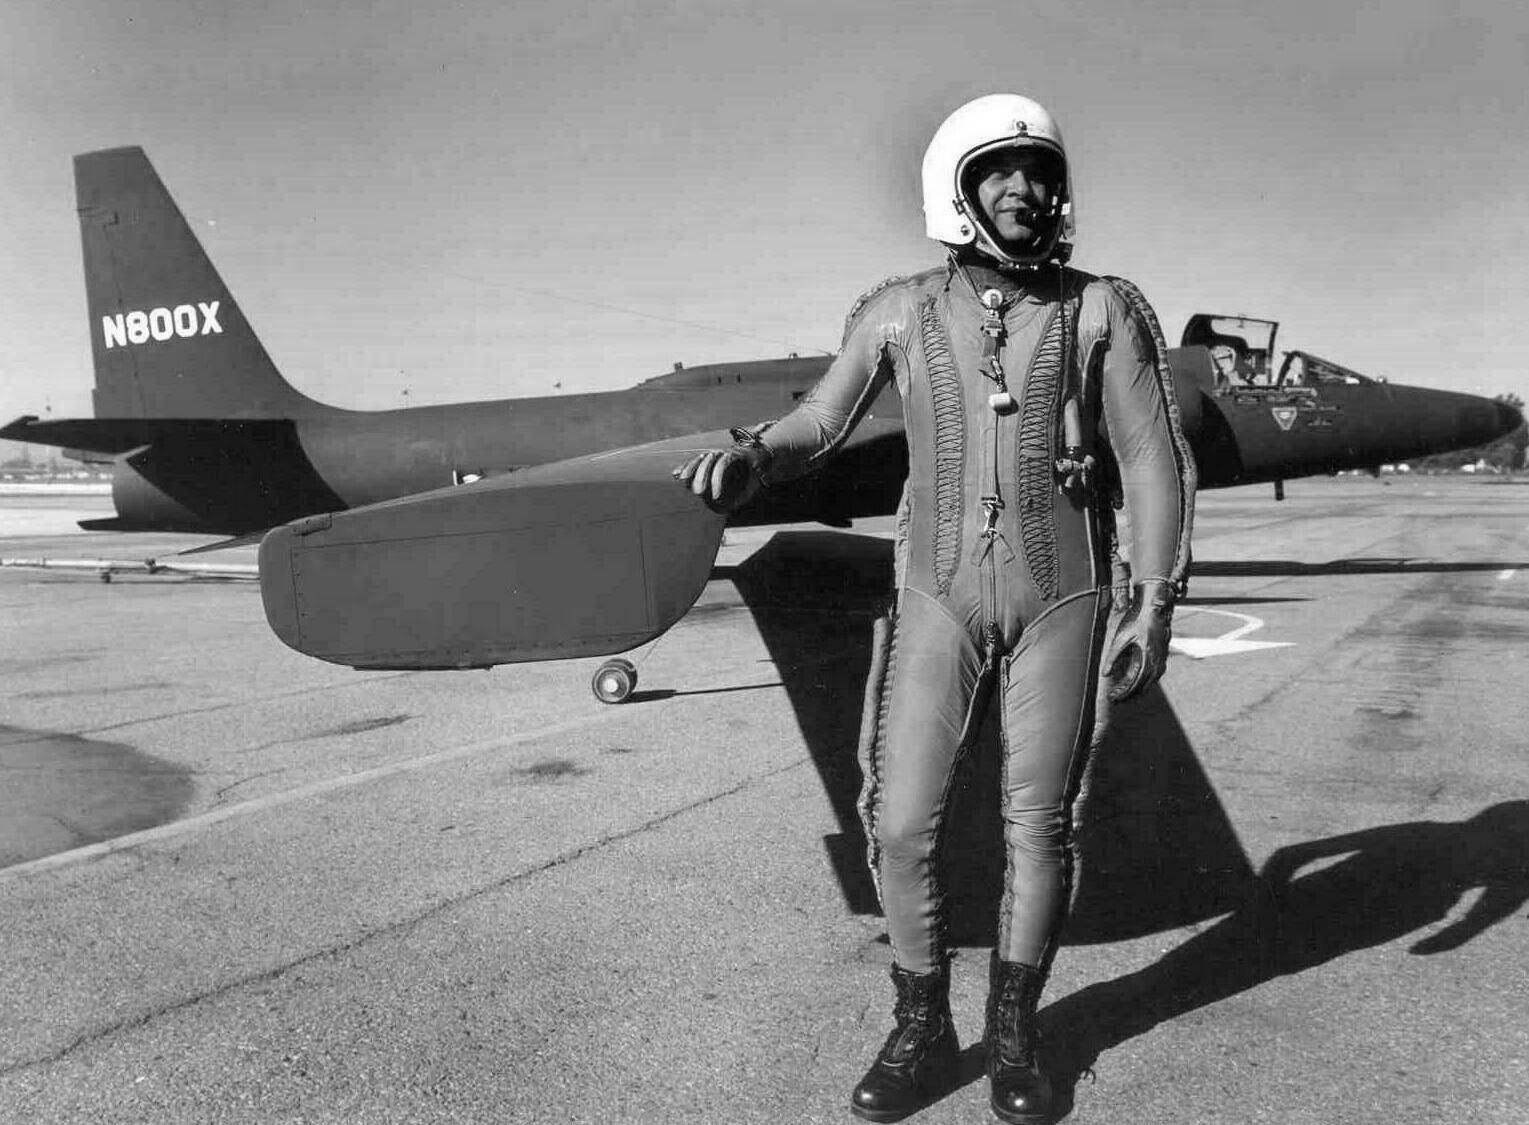 У-2 «Локхид», операция «Оверфлай» («Перелет»), френсис Пауэрс, самолет-разведчик